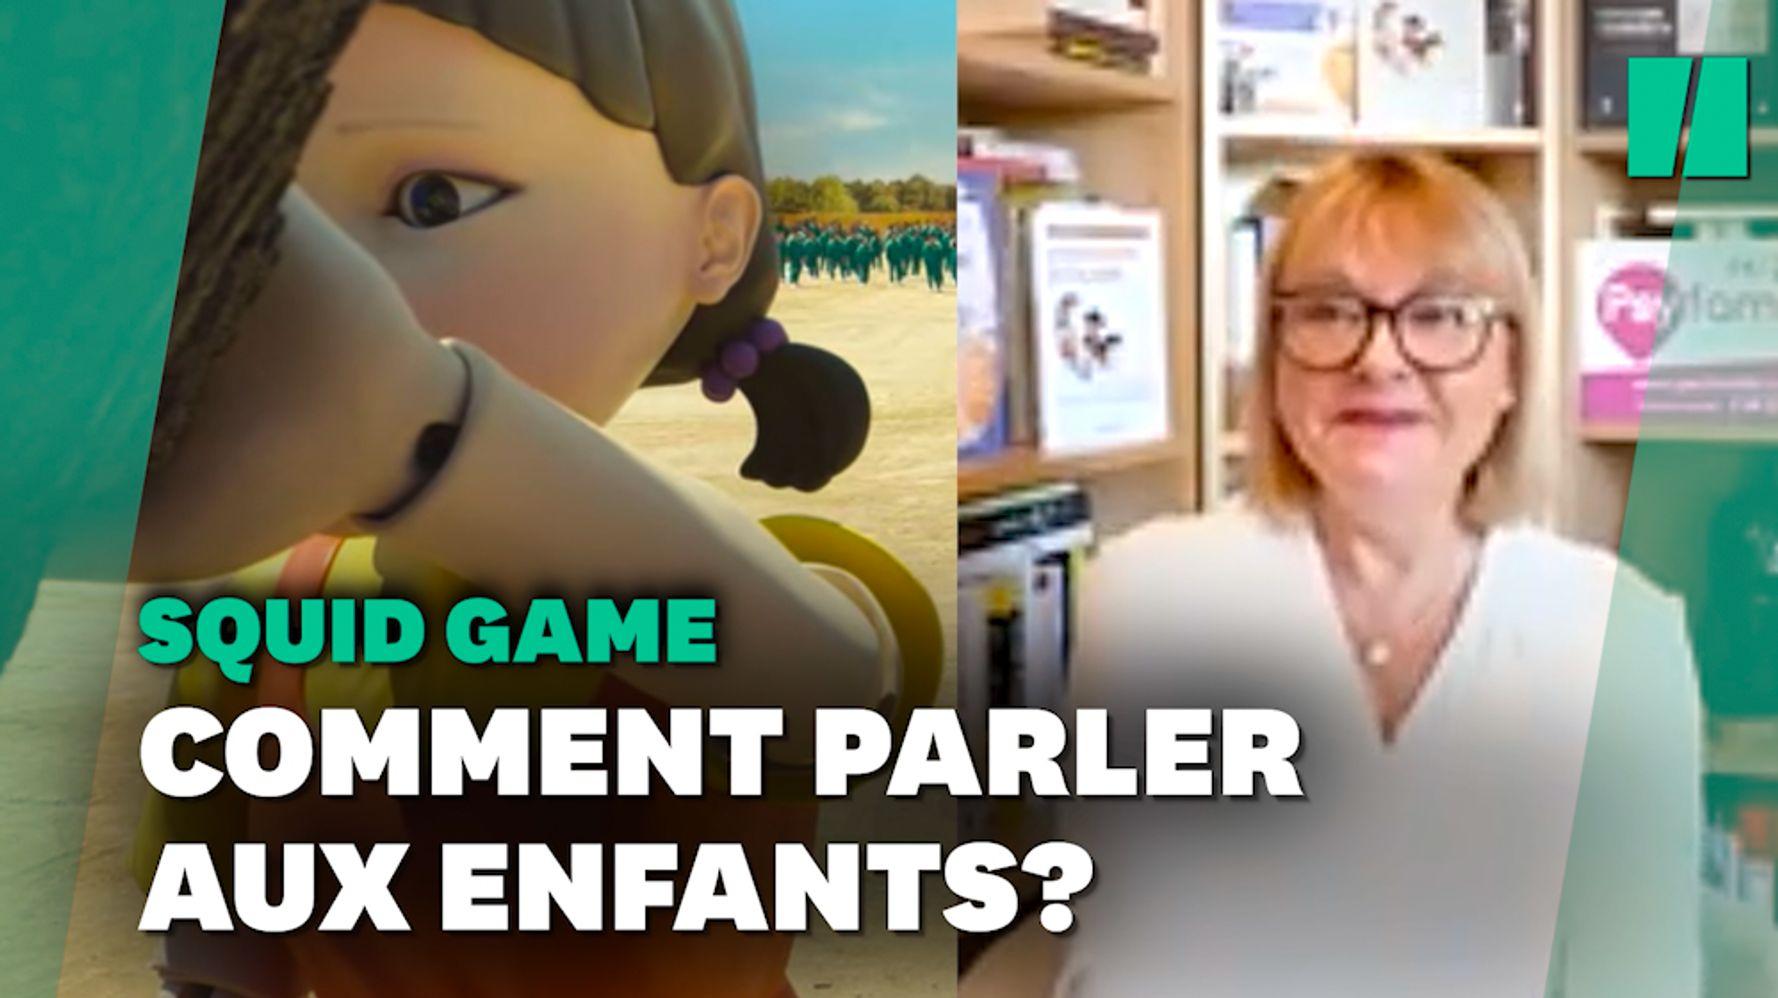 """Comment parler du sujet """"Squid Game"""" avec les enfants?"""